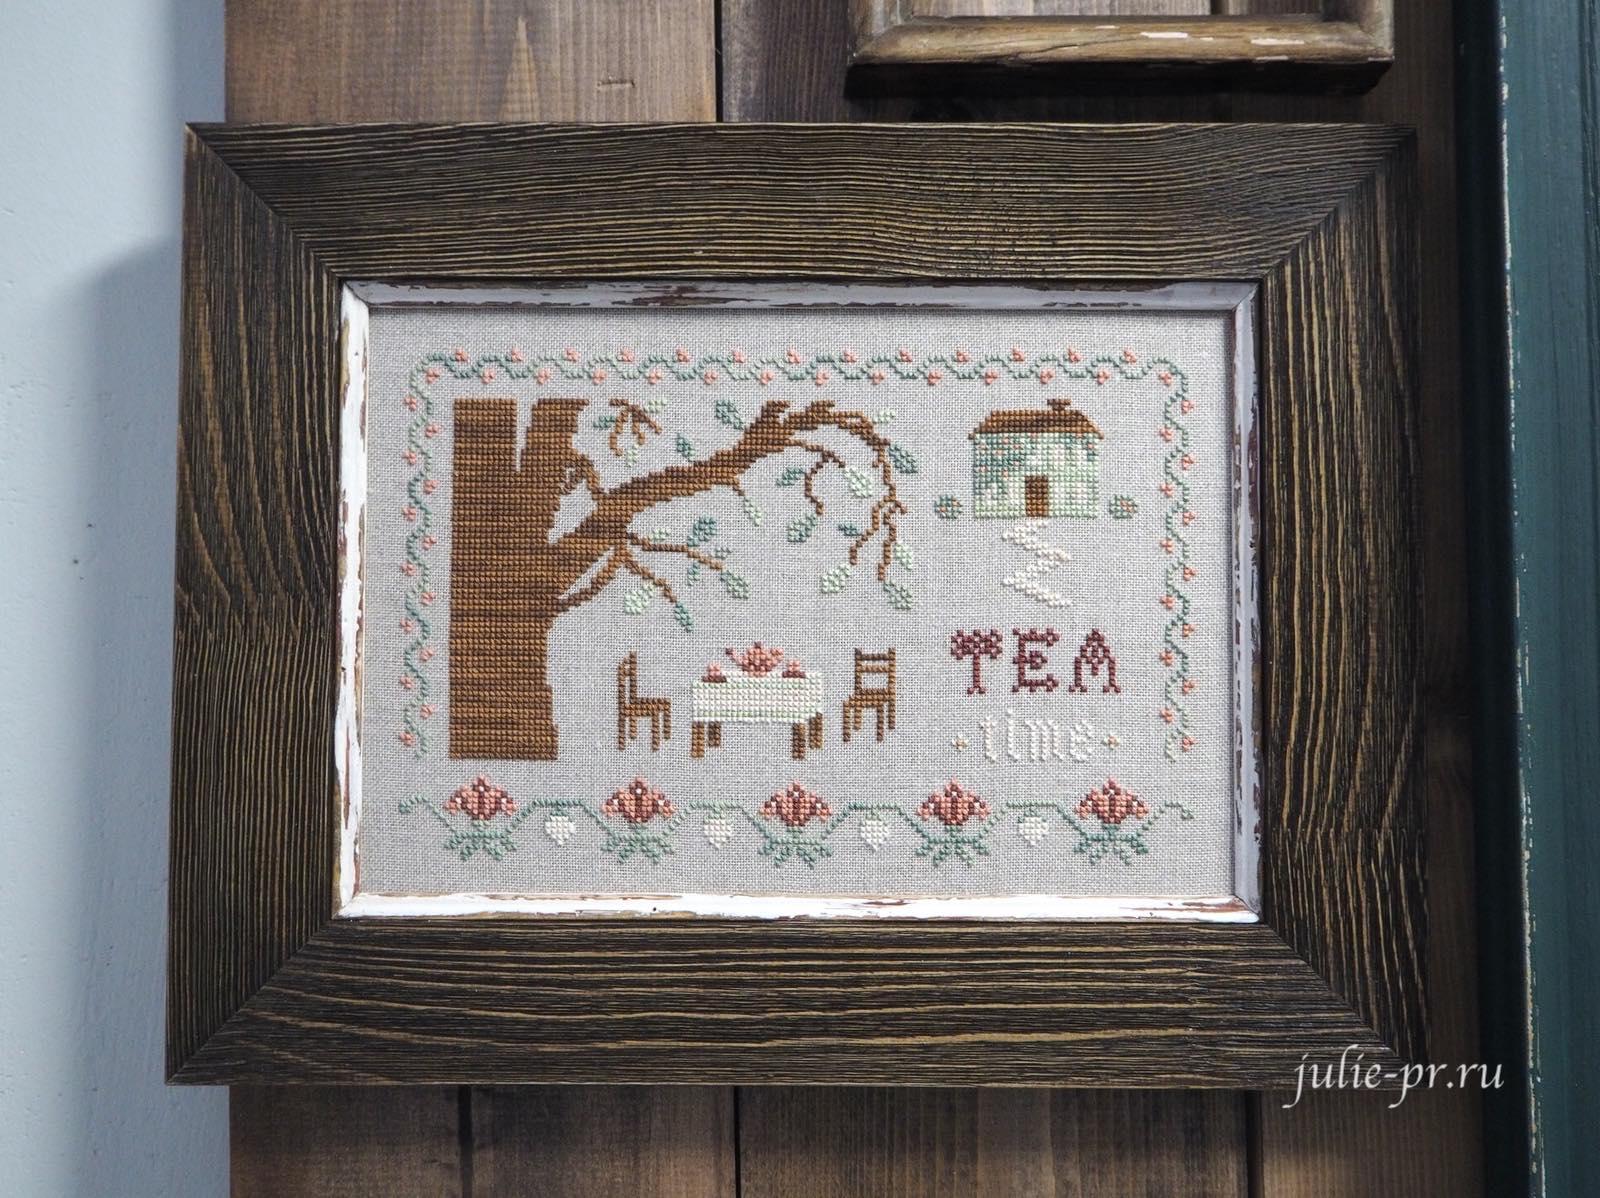 вышивка крестом, примитивы, The Bluebird Needleworks, Чаепитие в саду, tea time